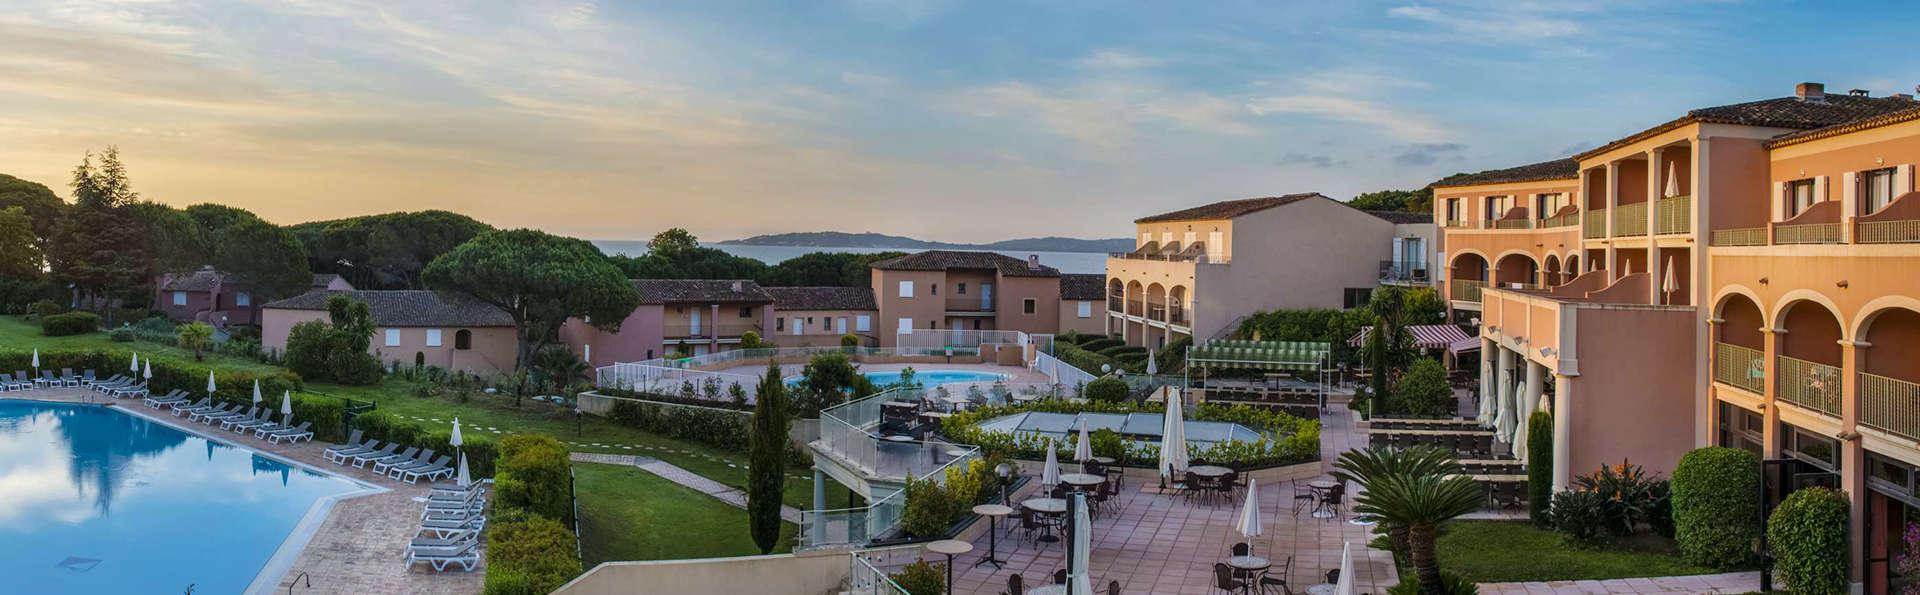 Hôtel Les Jardins De Sainte-Maxime 3* - Sainte-Maxime, France intérieur Les Jardins De Sainte Maxime Hotel